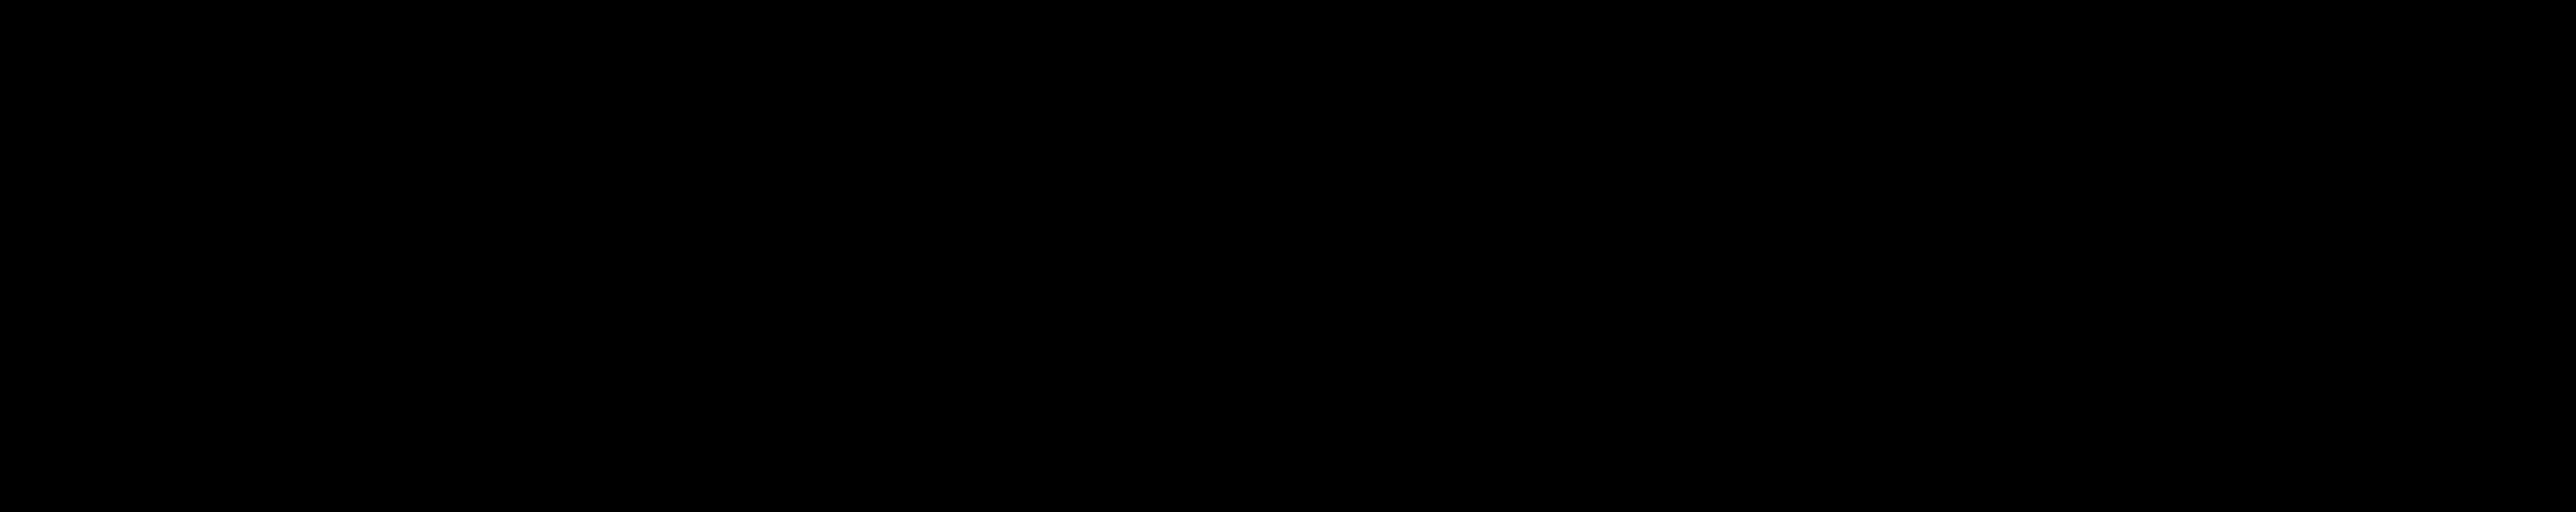 3pommes black